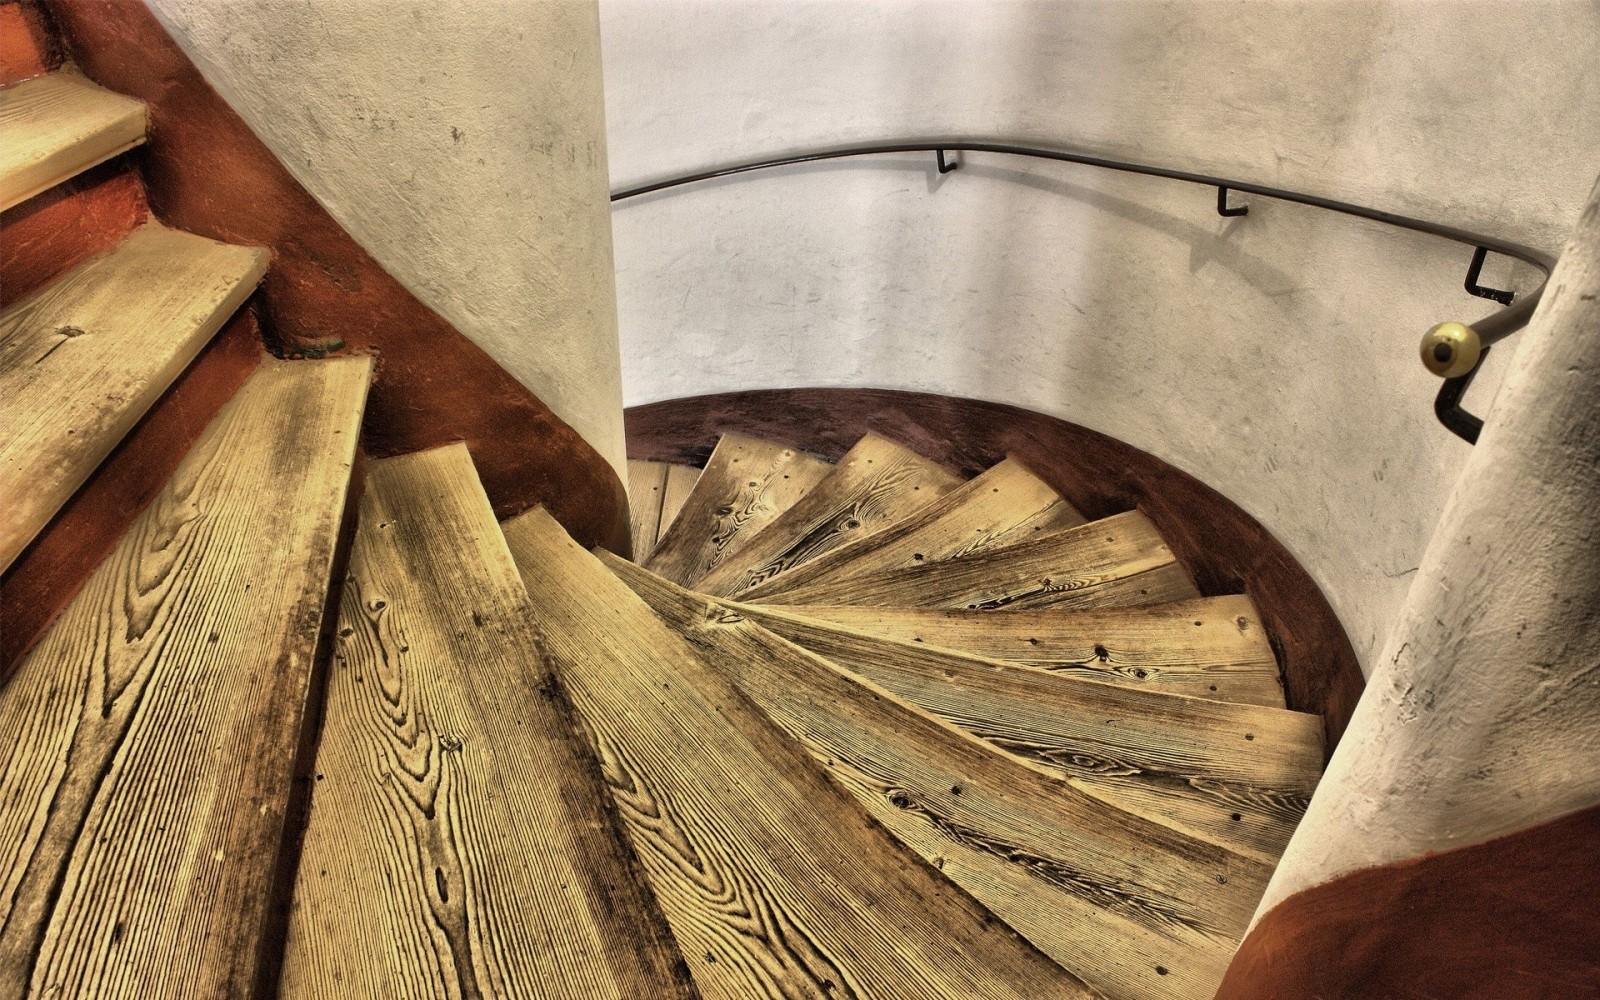 Фото Изготовление ступеней из смереки используя метод состаривания монтаж на металлический корпус. Подготовка и монтаж занимает 5-7дней.